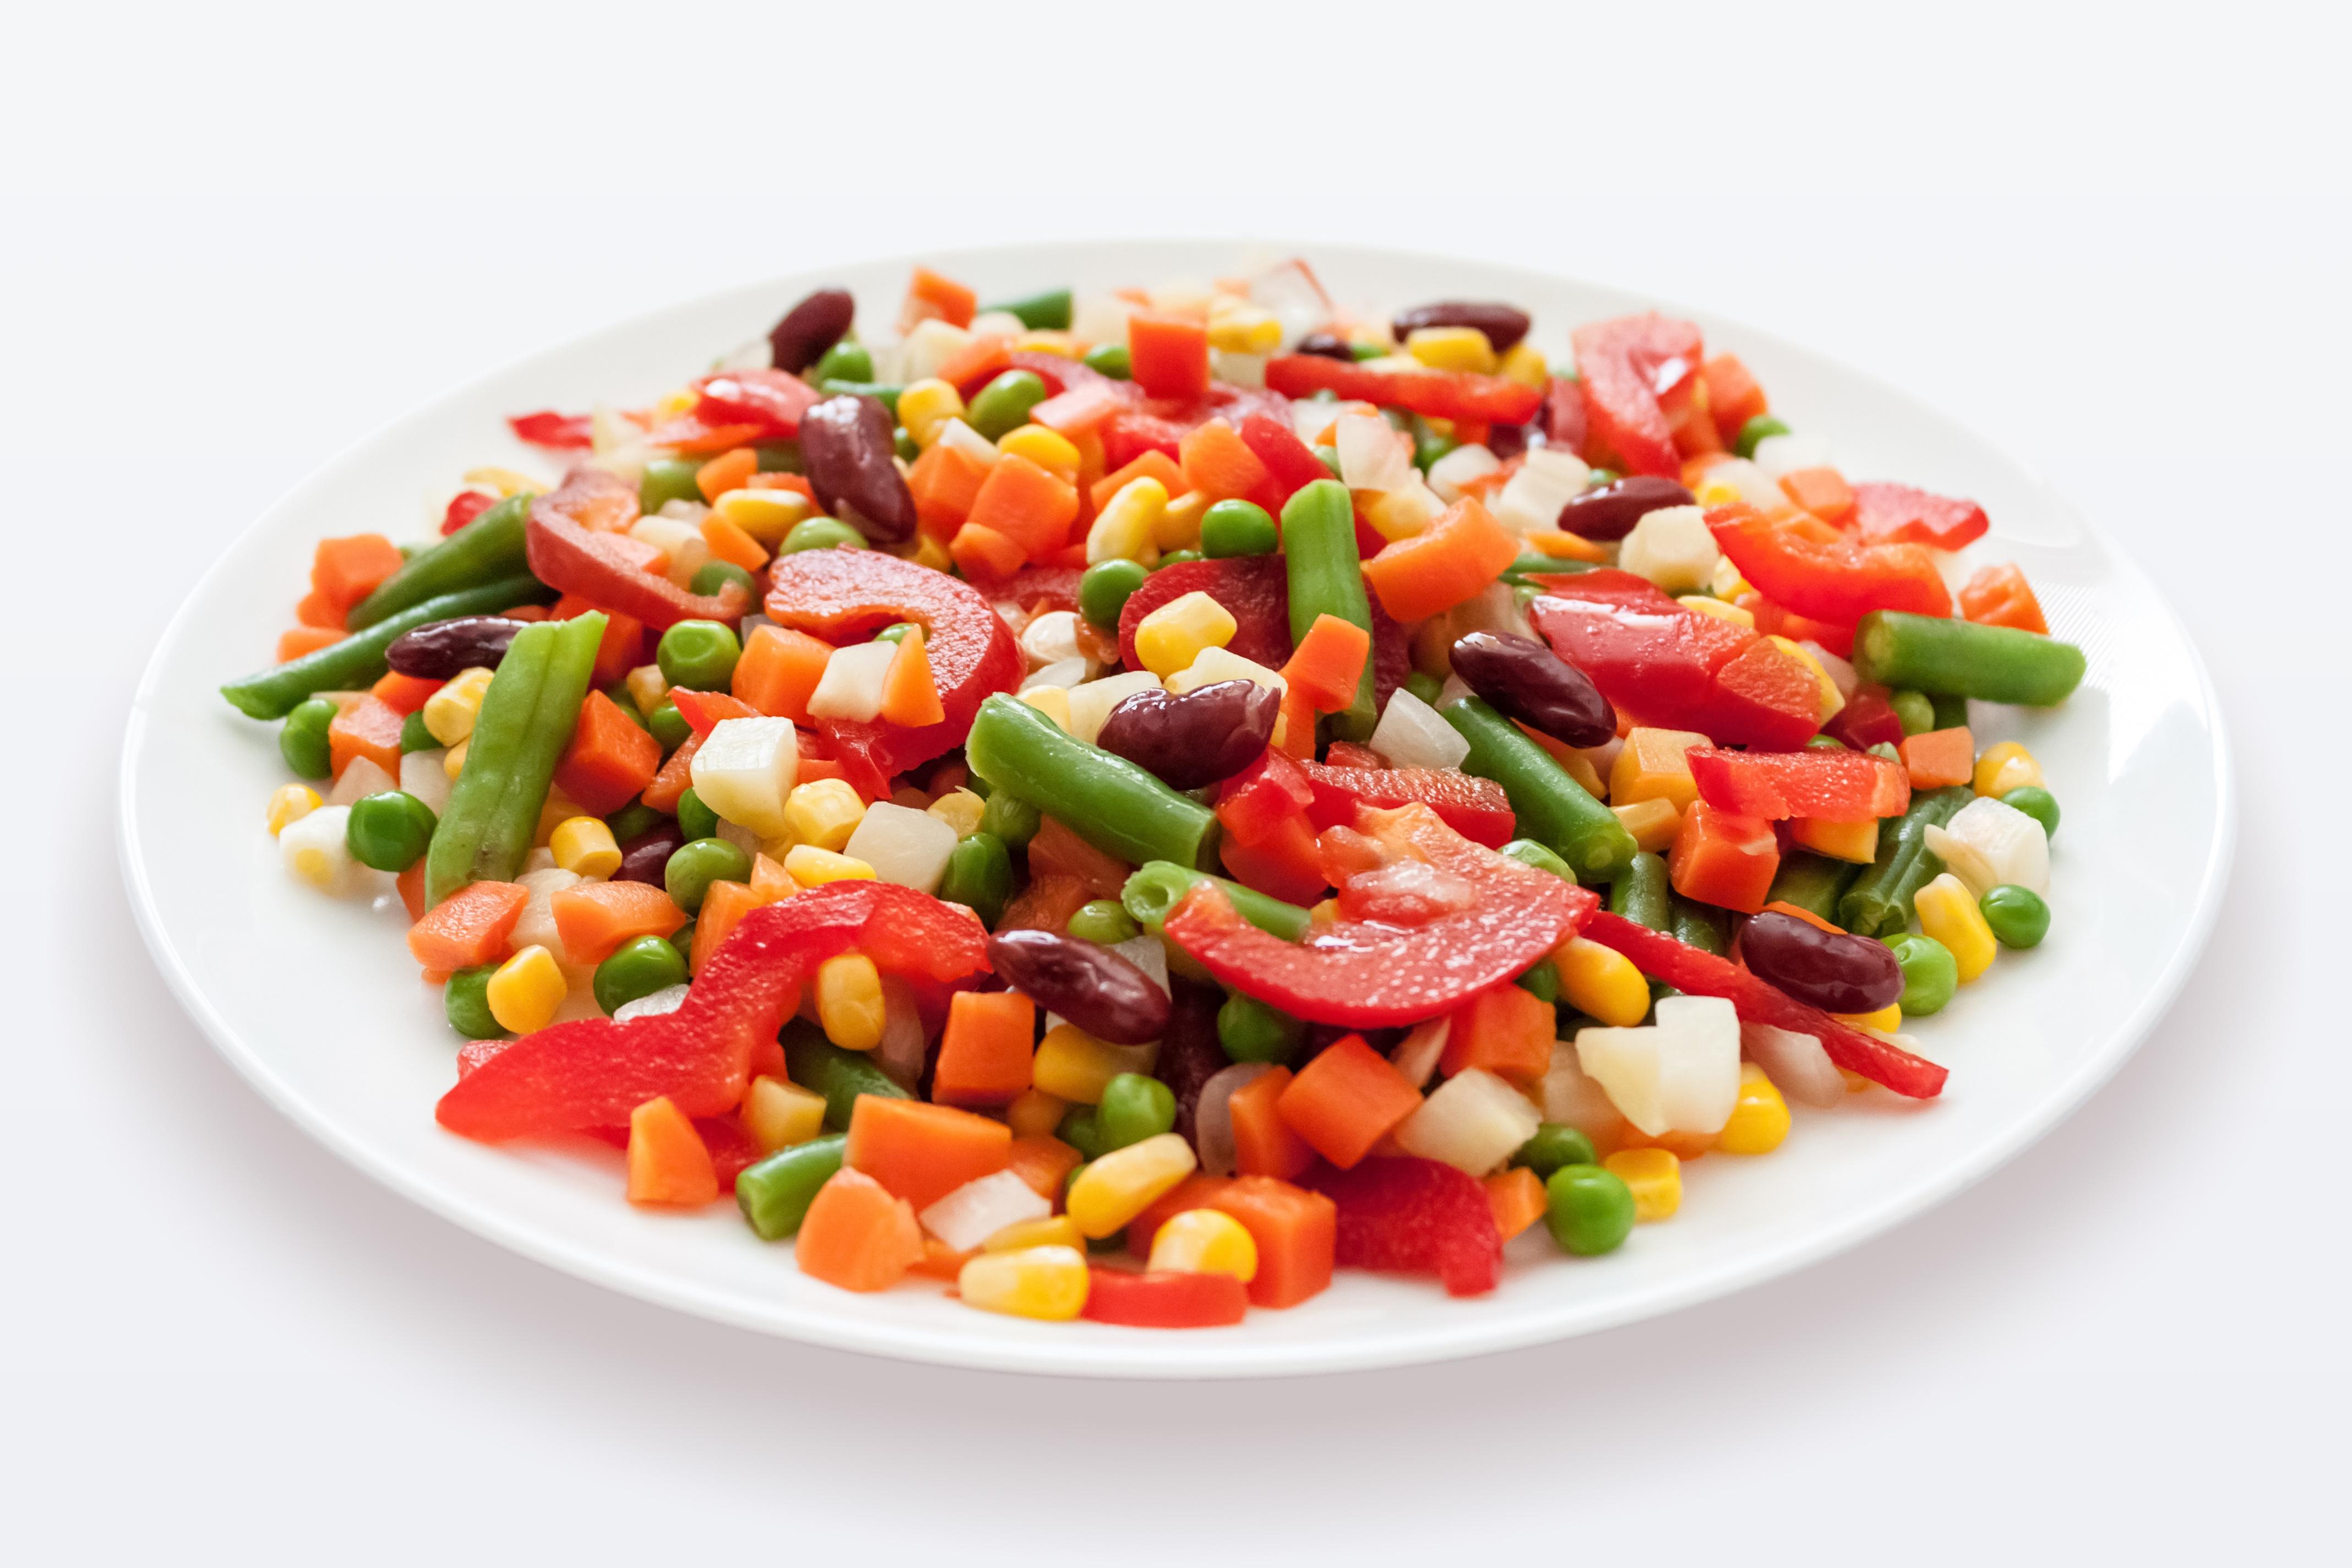 Images gratuites fruit haricot plat aliments salade poivre produire l gume color - Haricot vert fruit ou legume ...